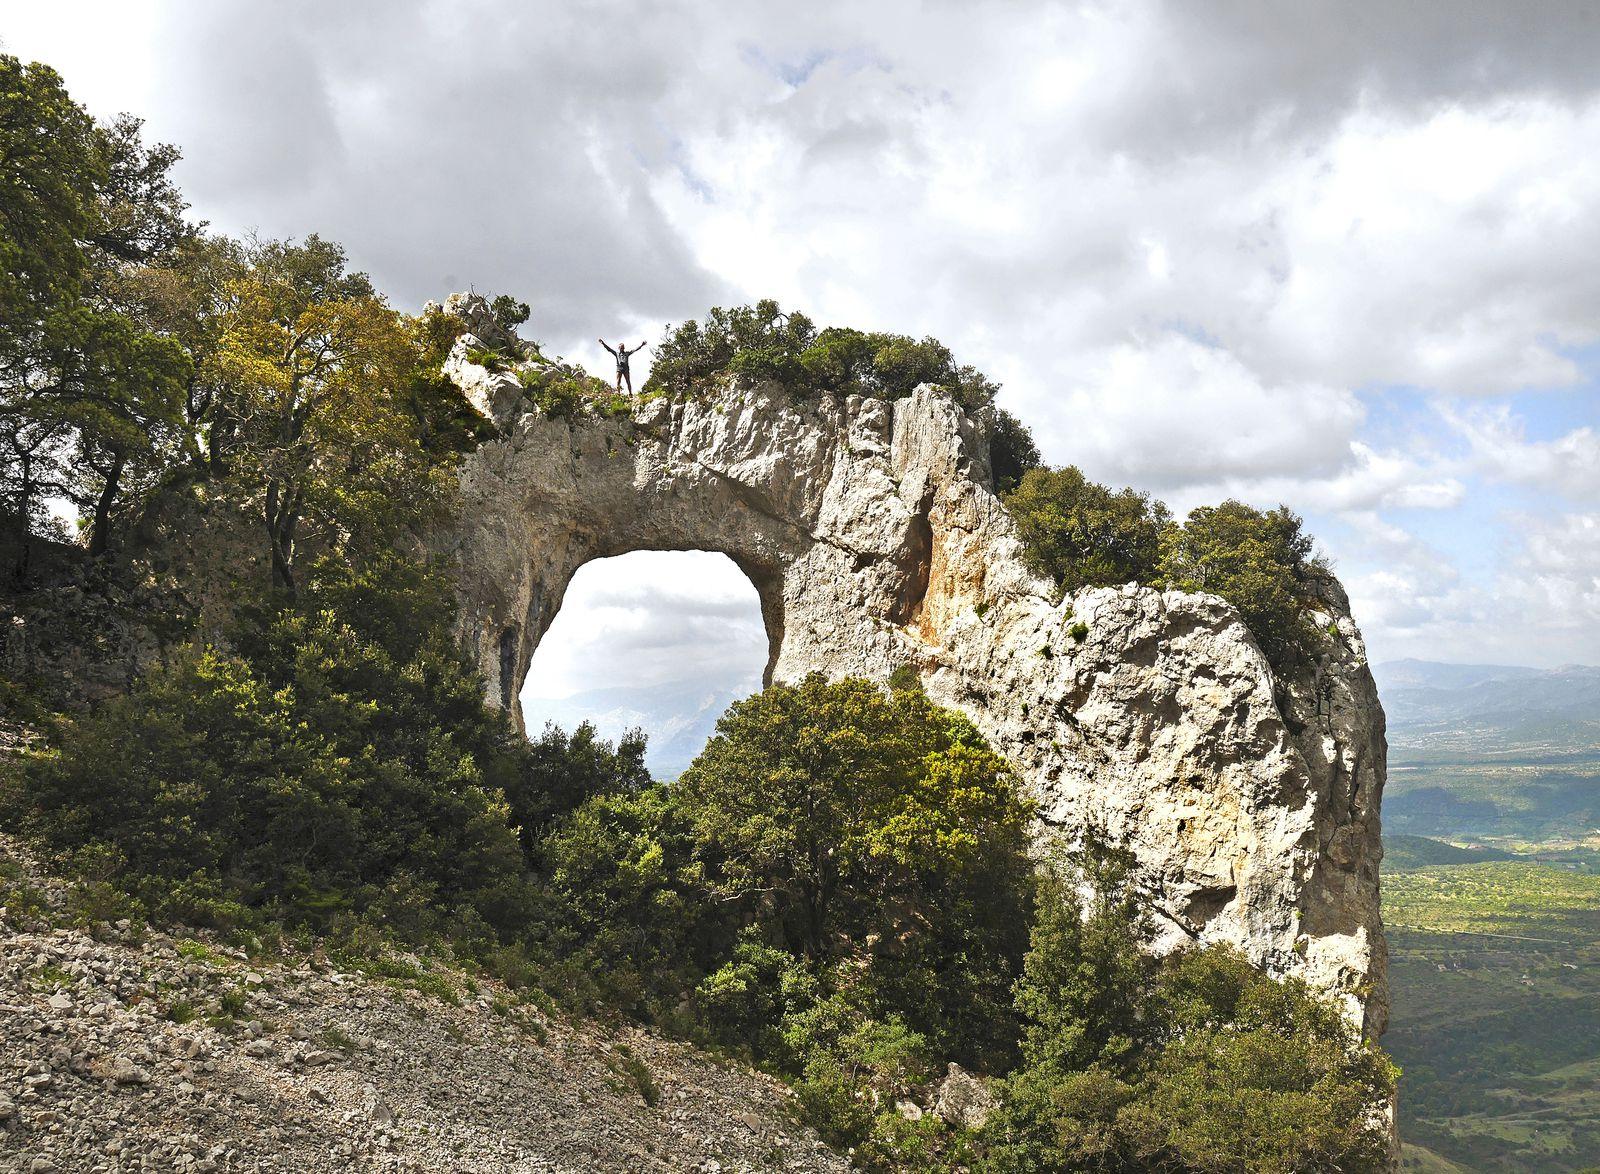 Près de Galtelli, sa Petra Istampata, dont l'accès est aménagé depuis la route et qui s'atteint en 5 mn, mais reste magnifique malgré cette vocation touristique.